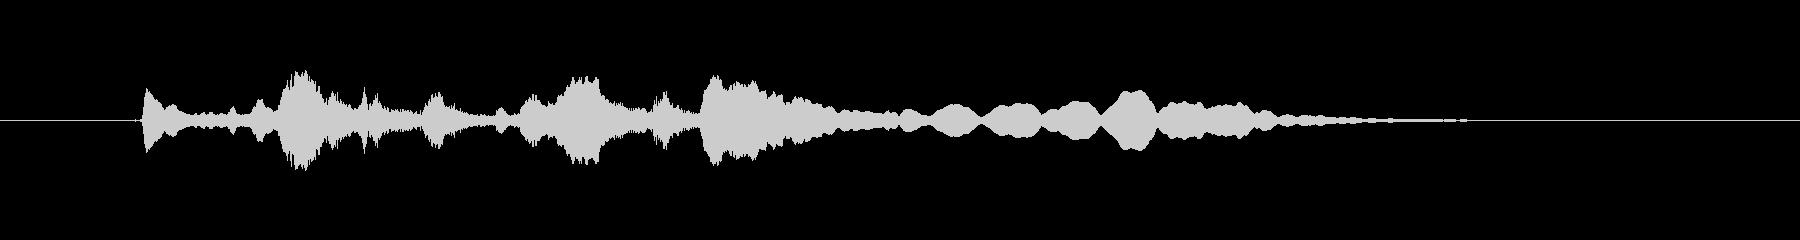 トランペット ぱっぱらぱーの未再生の波形